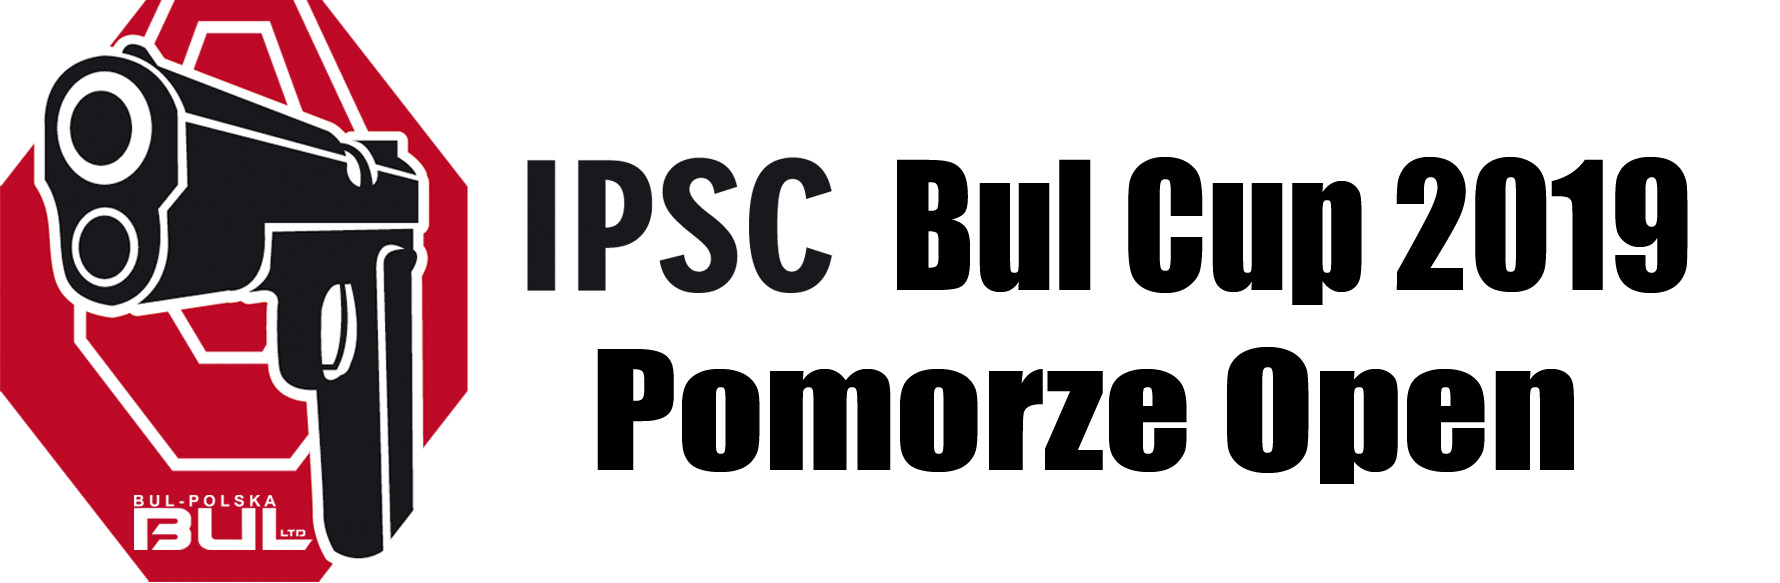 Ruszyła rejestracja na zawody IPSC Lev III Bul Cup Pomorze Open 2019